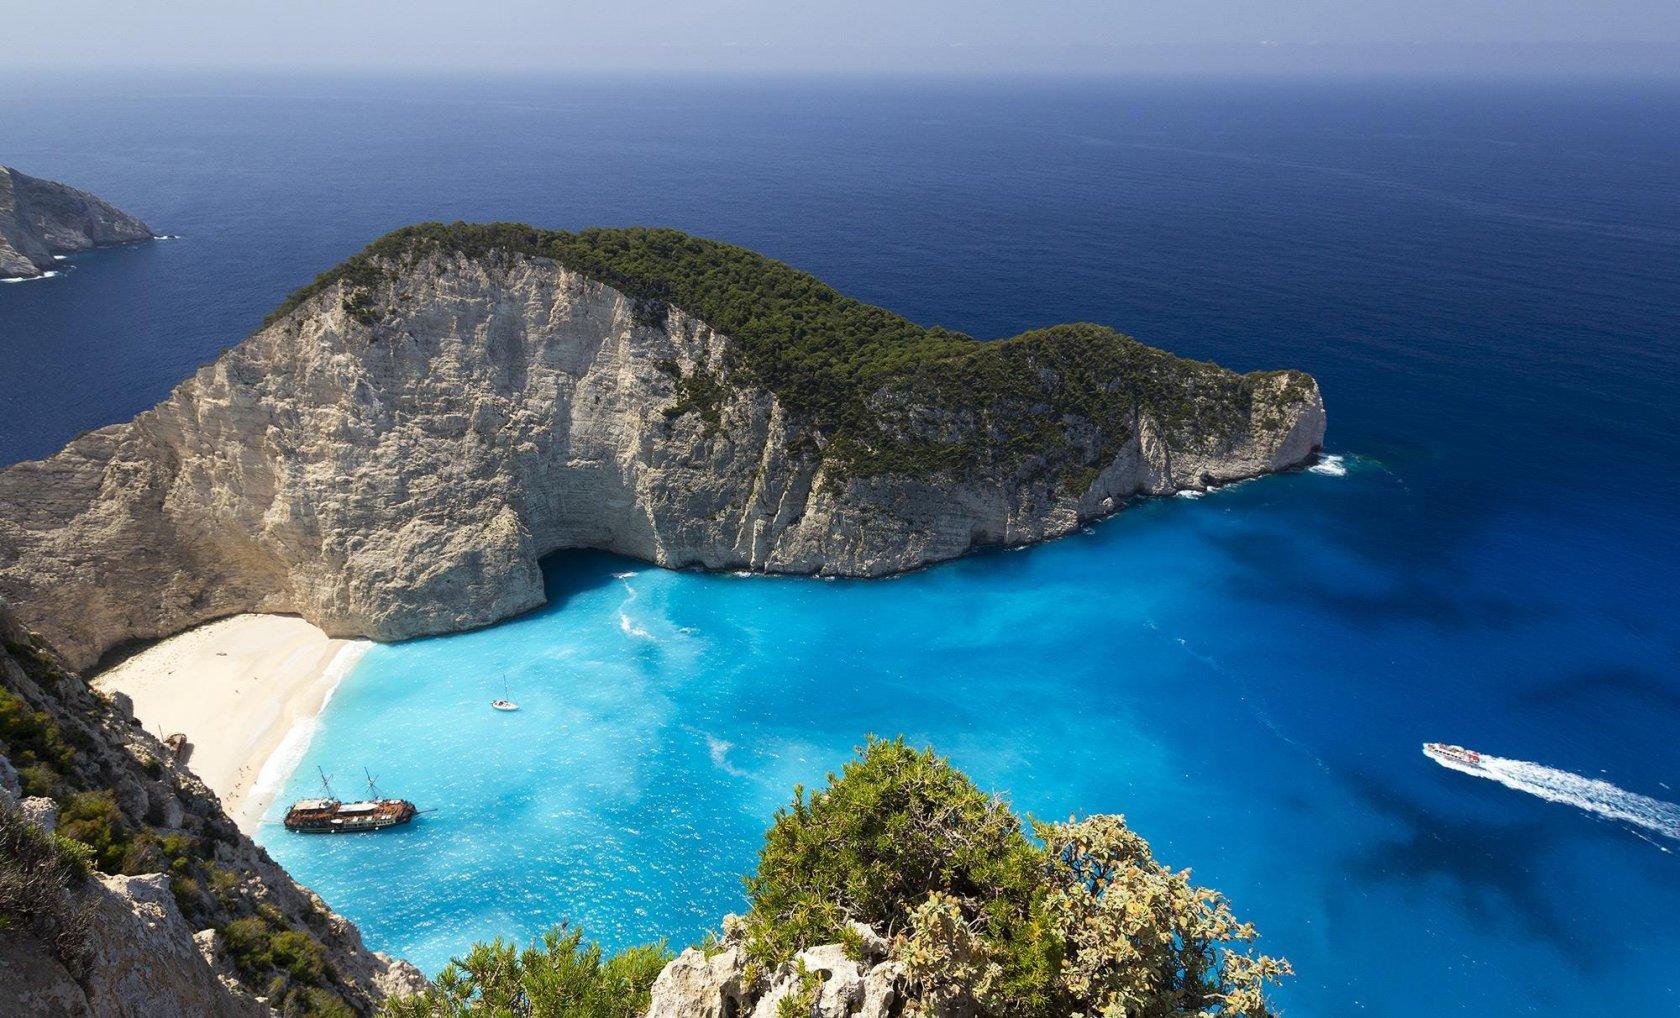 красивые места в греции фото с названиями и описанием больше